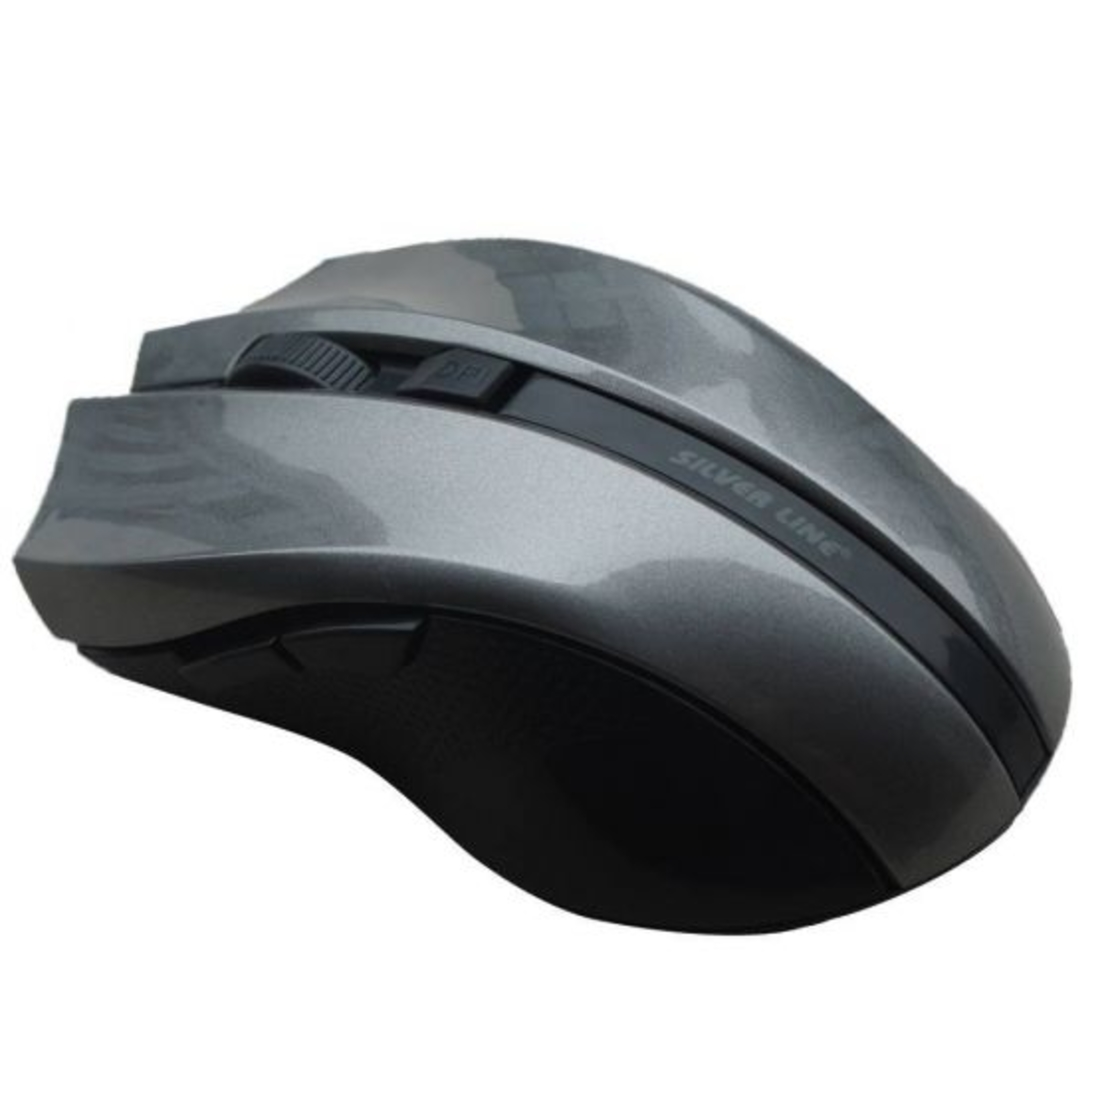 עכבר אלחוטי 5 לחצנים SILVER LINE RF317 2.4GHz אפור